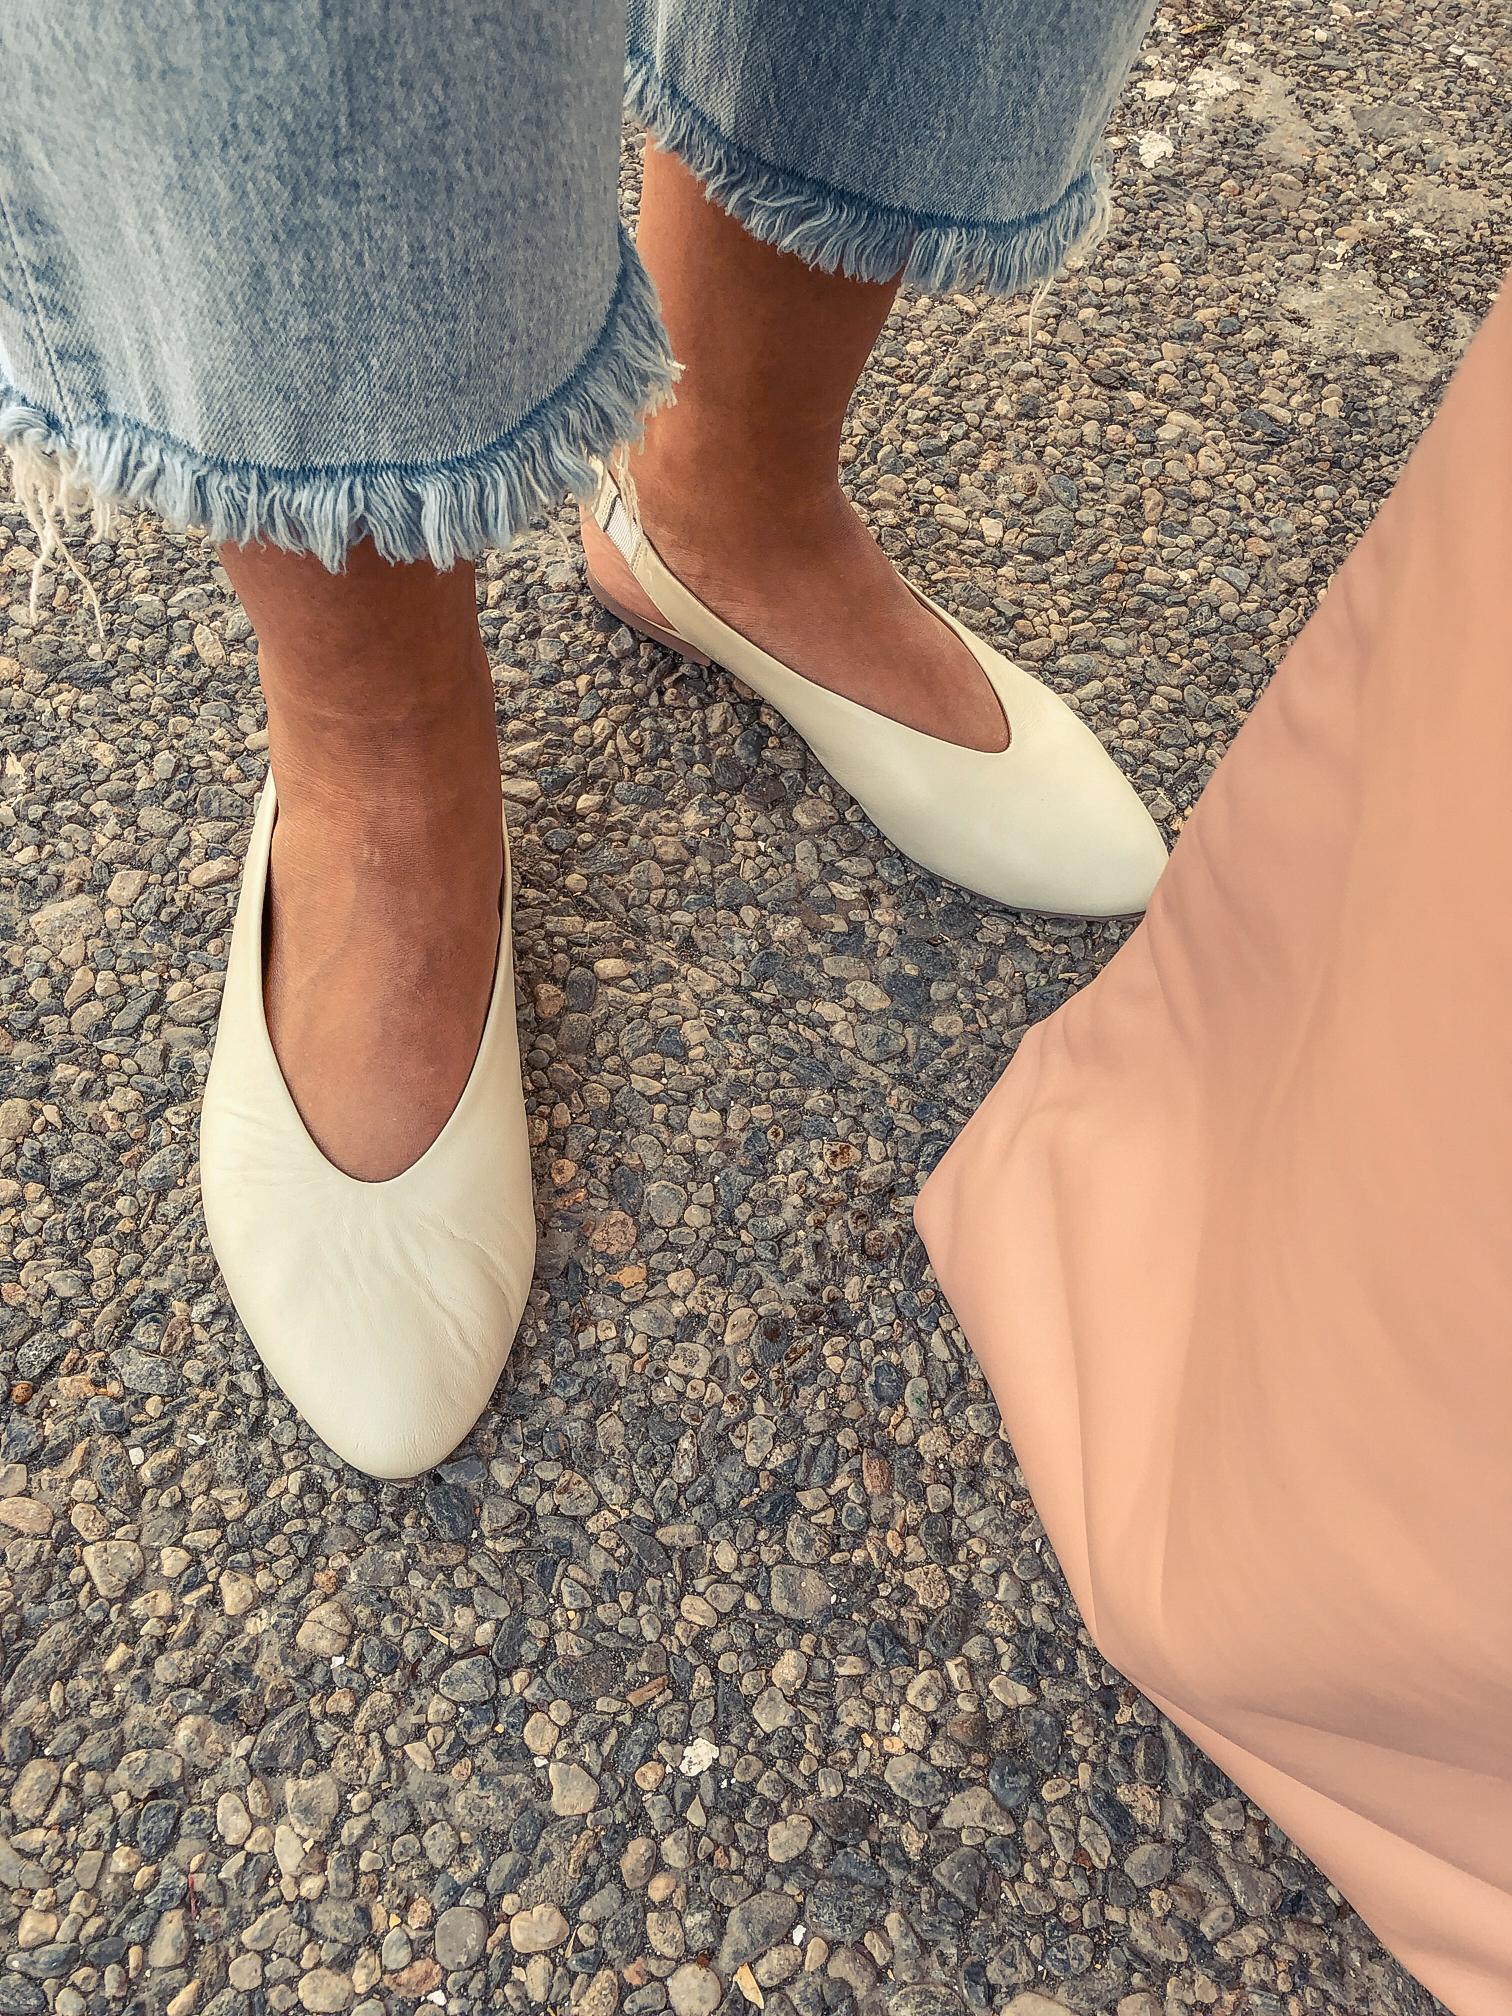 el-blog-de-silvia-look-verano-jeans-levis-camiseta-flores-05